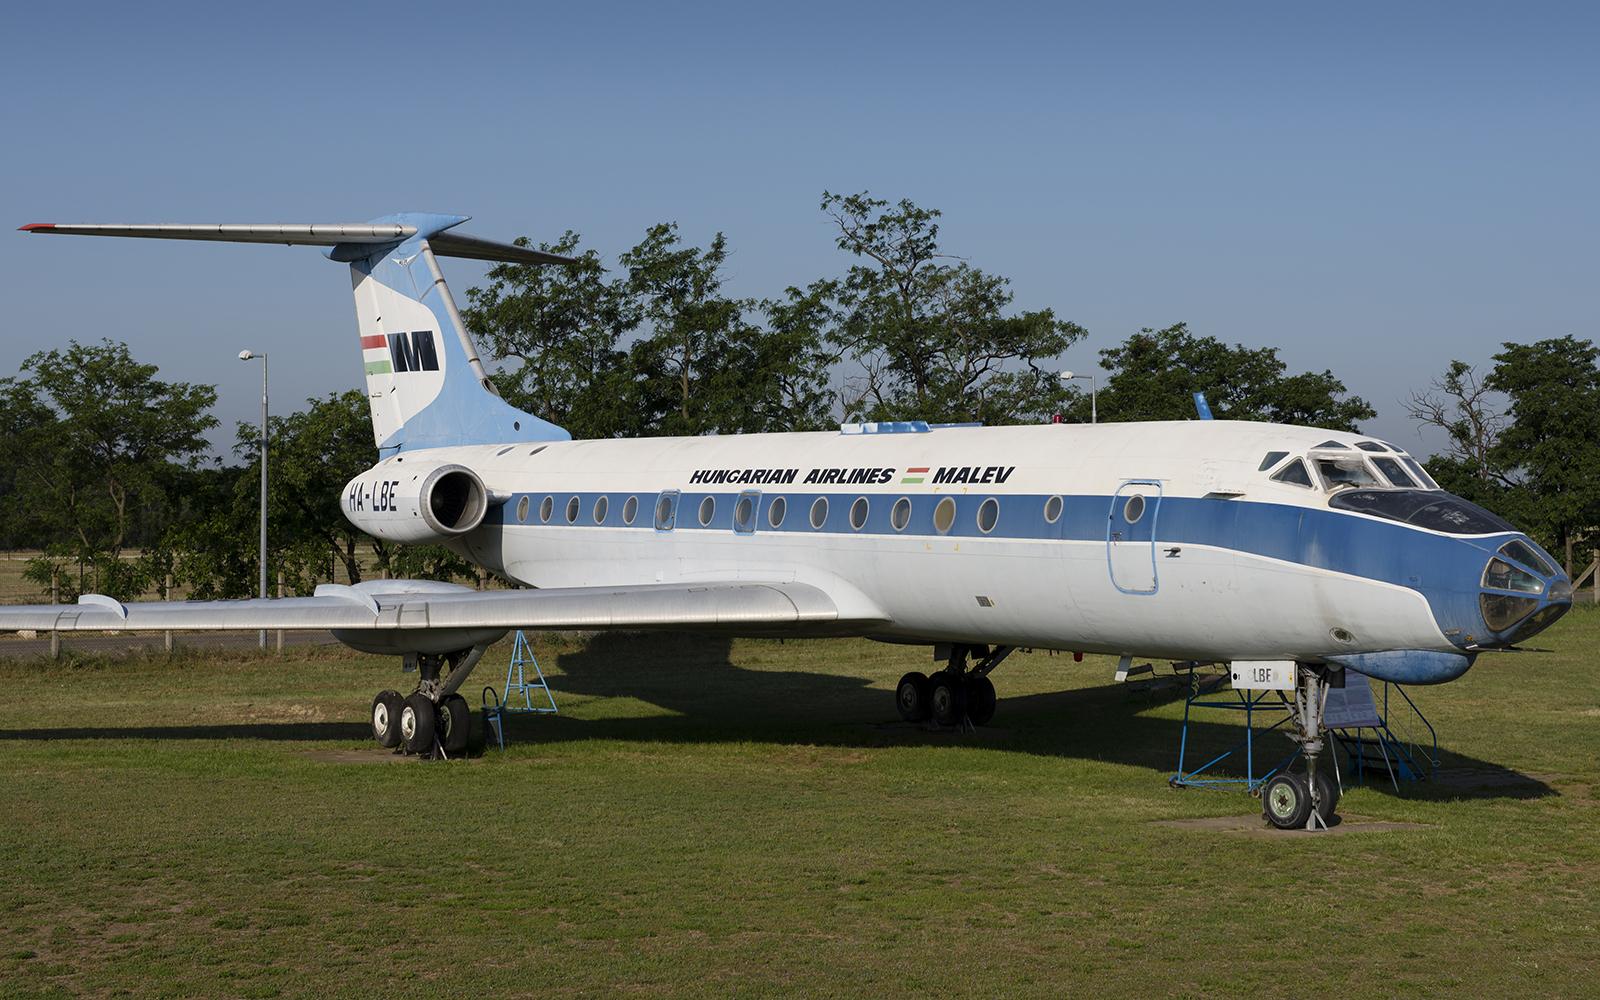 A budapesti repülőtéren található Aeropark repülőgépeinek nagy része is a Magyar Műszaki és Közlekedési Múzeum (MMKM) tulajdonában van. (Fotó: AIRportal.hu) | © AIRportal.hu